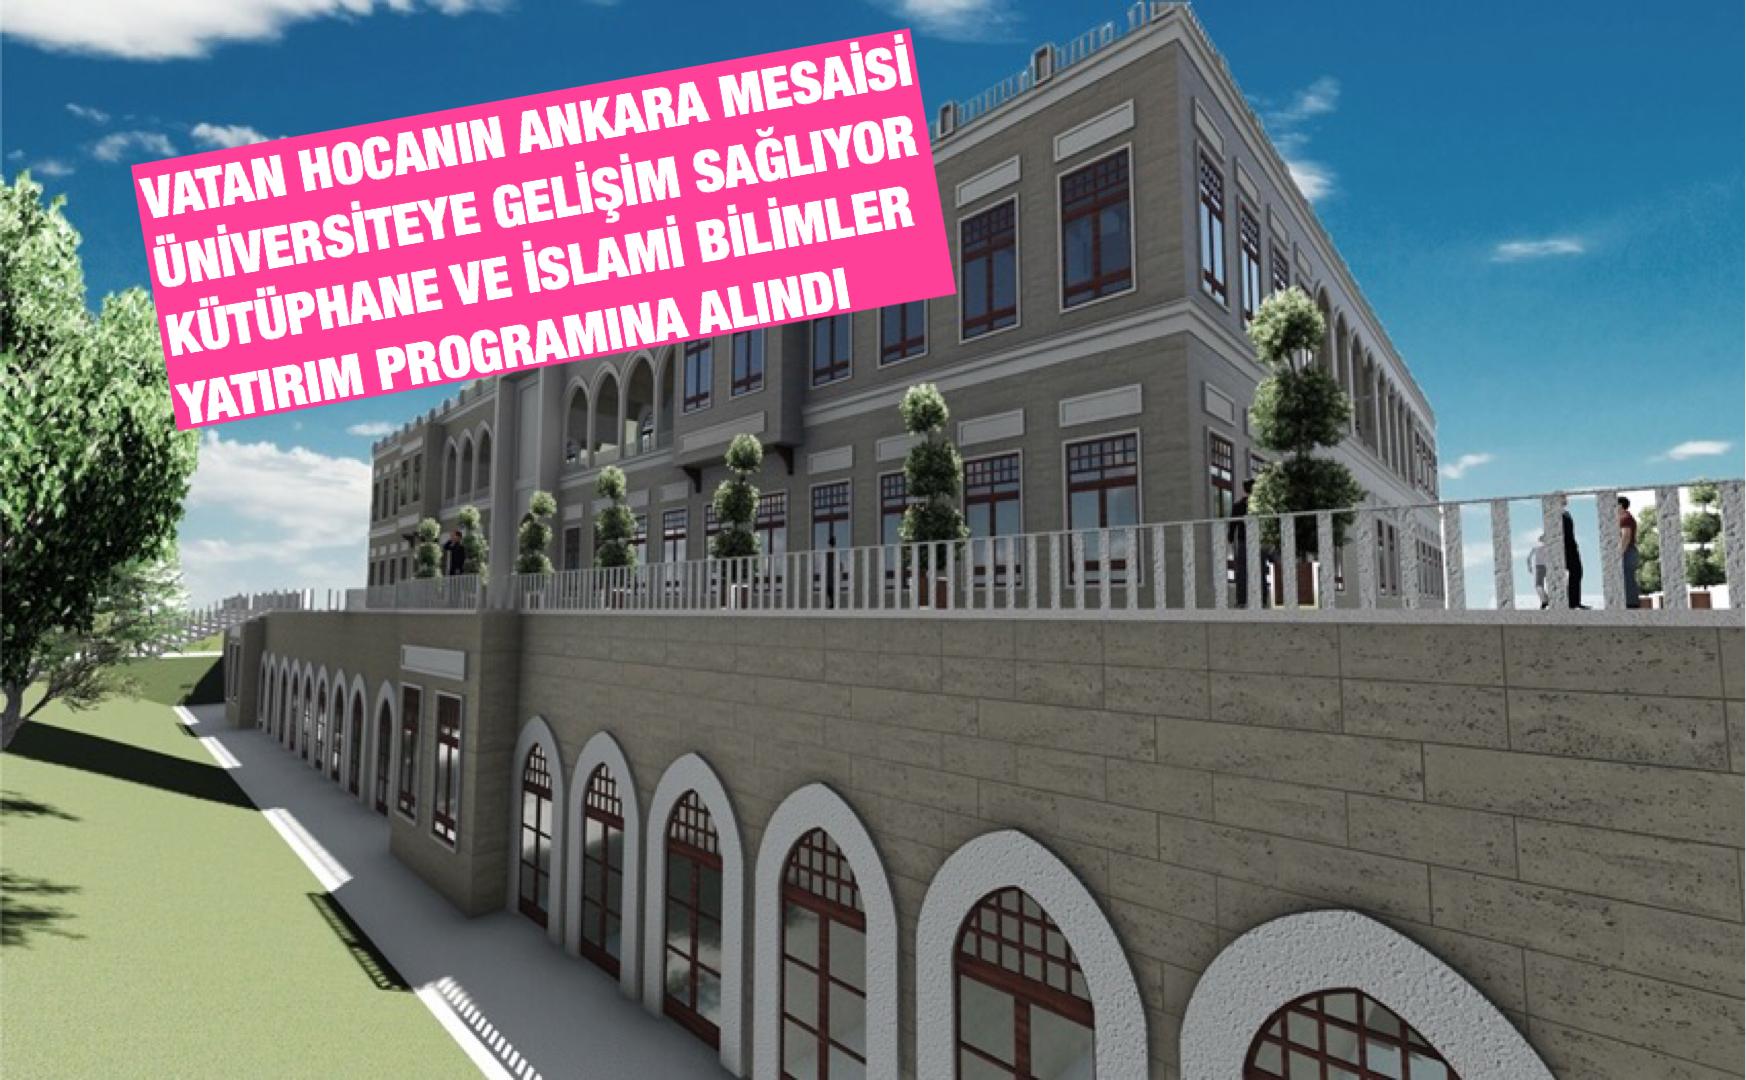 Kütüphane ve İslami İlimler Fakültesi Binalarımız 2020 Yatırım Planına Alındı